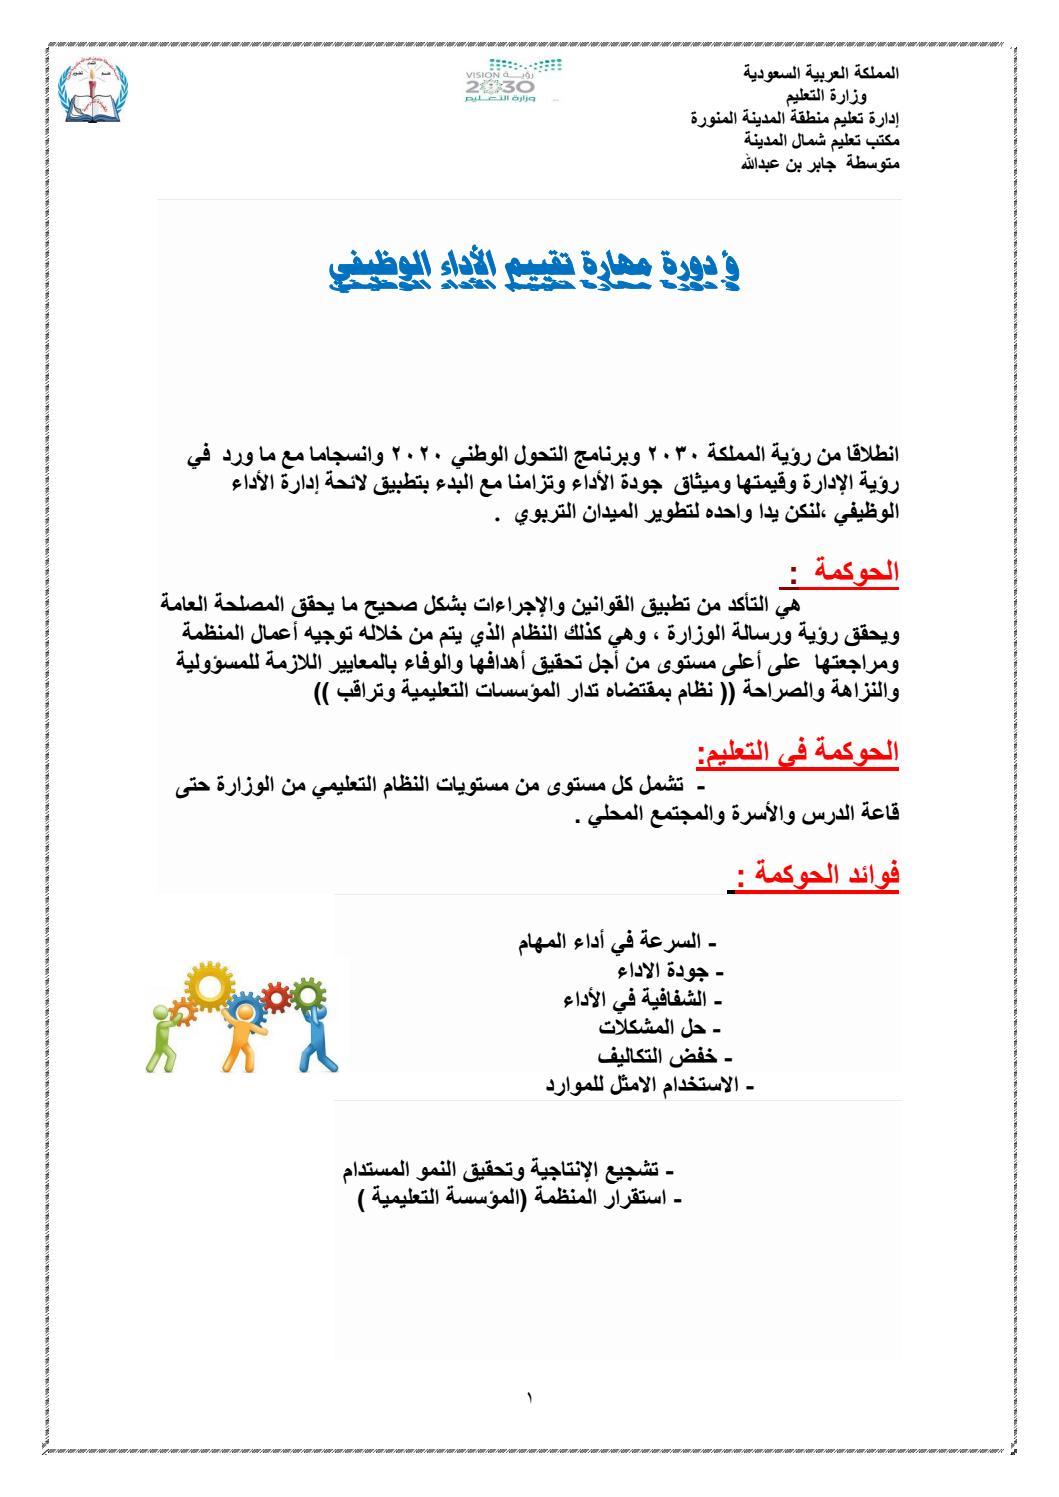 دورة مهارة تقييم الأداء الوظيفي By Saud Al Harbi Issuu